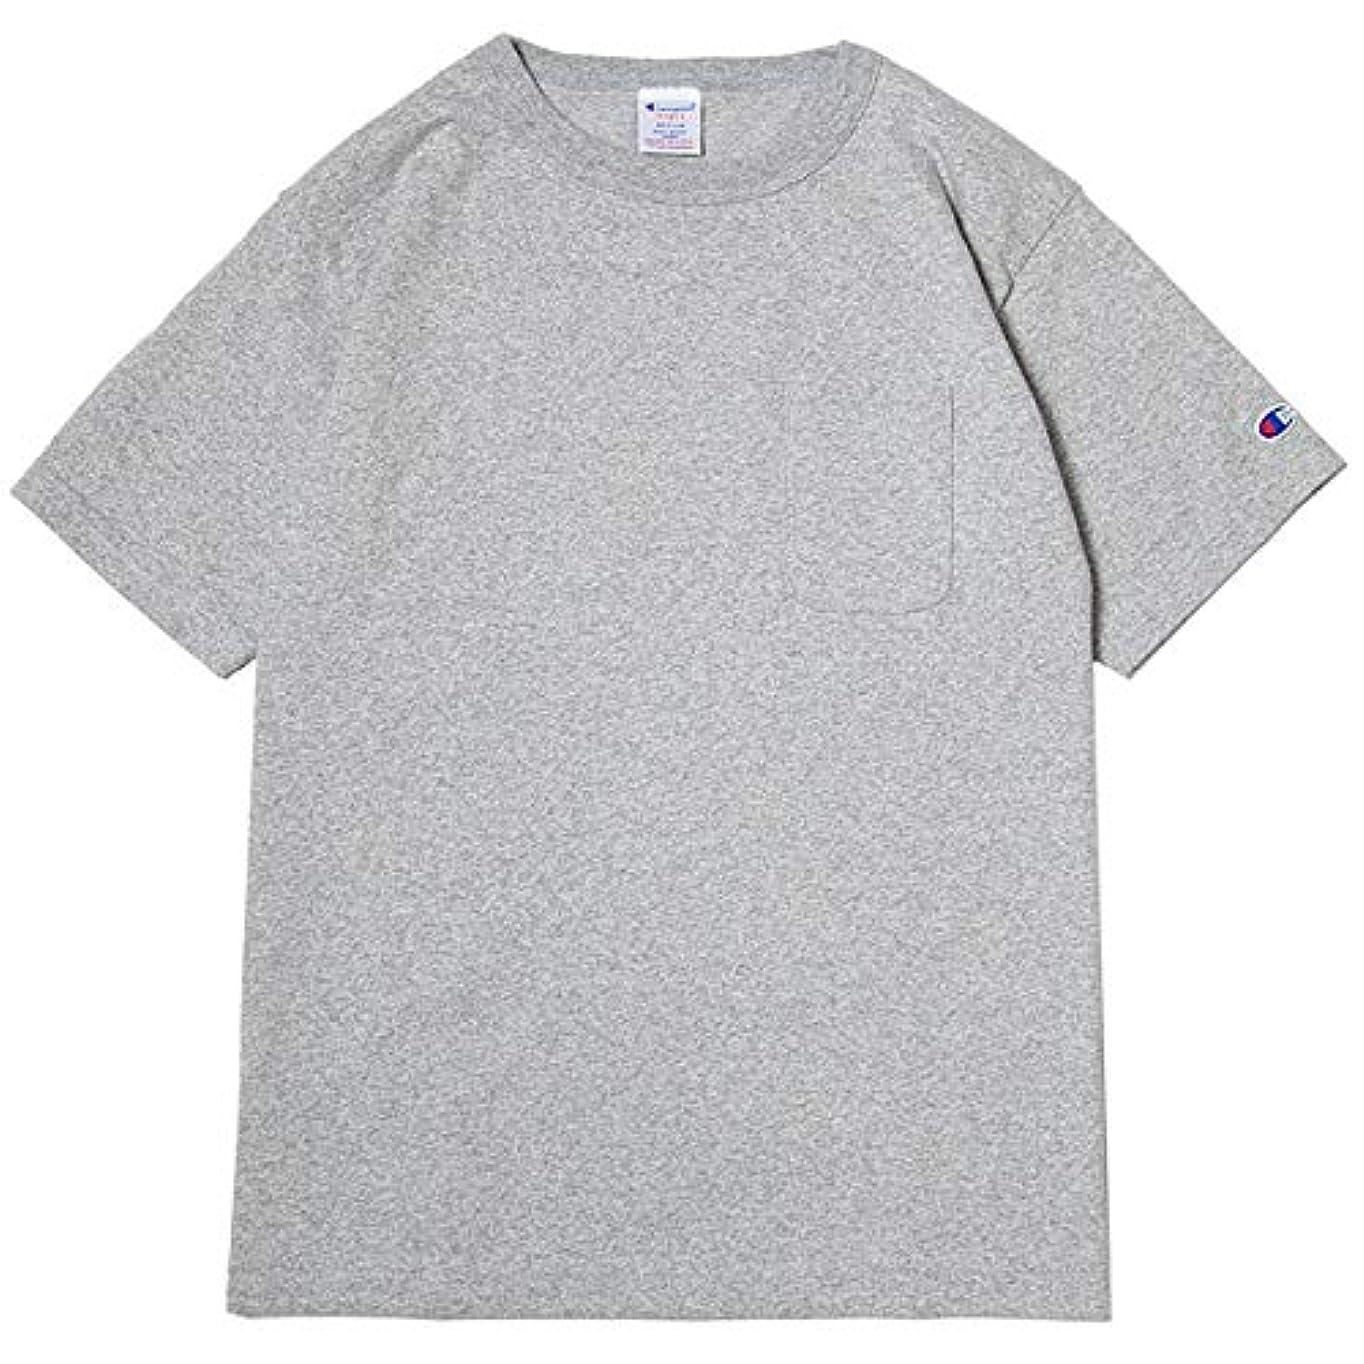 パール氷北チャンピオン Tシャツ メンズ CHAMPION T1011 ポケット付き US Tシャツ 19SS MADE IN USA オックスフォードグレー